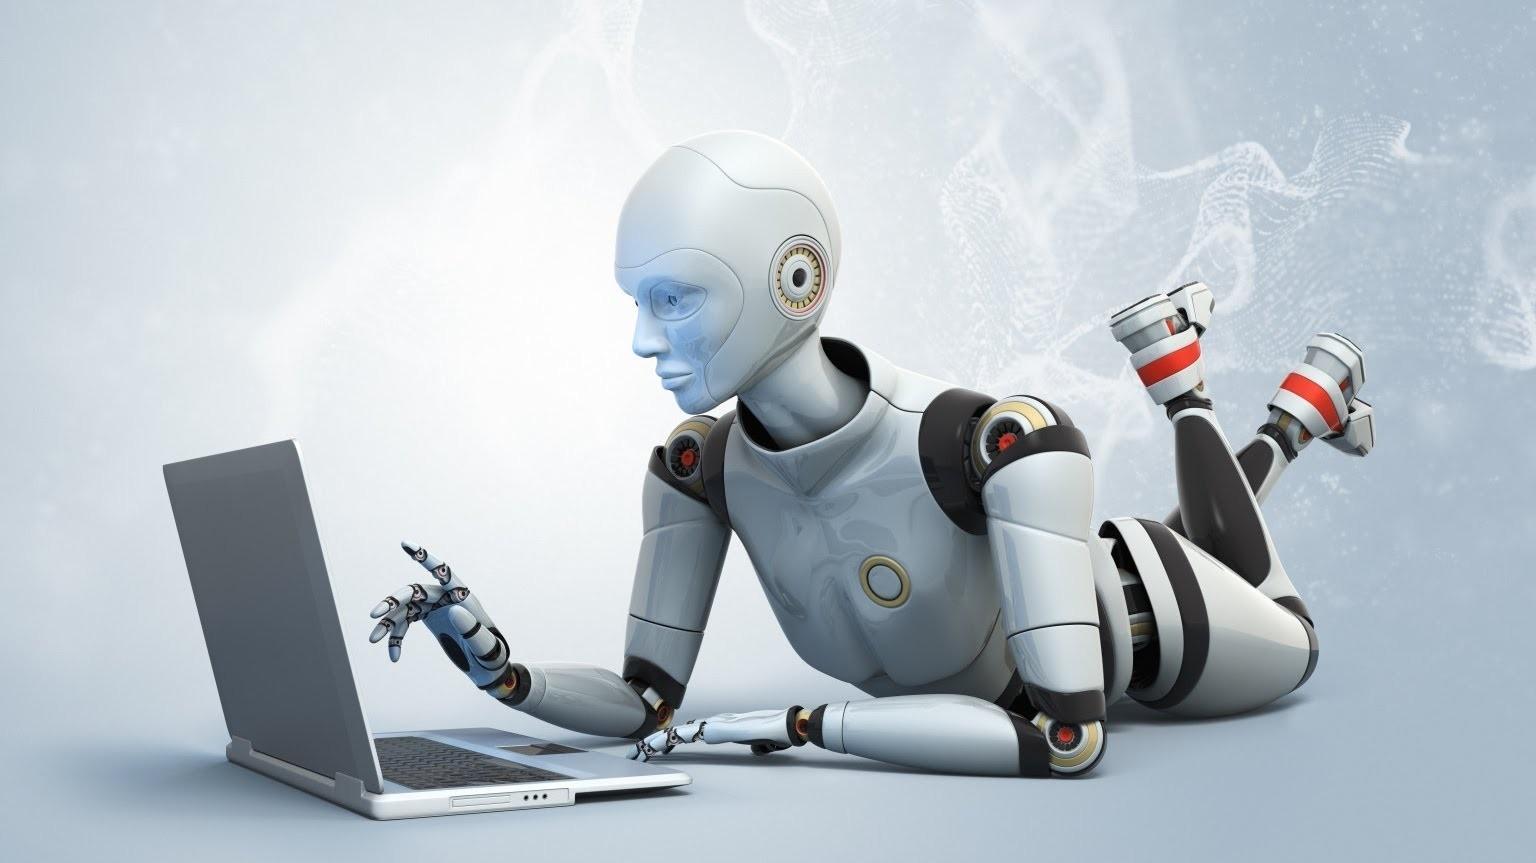 Роботов уравняют вправах слюдьми к 2056-ому году